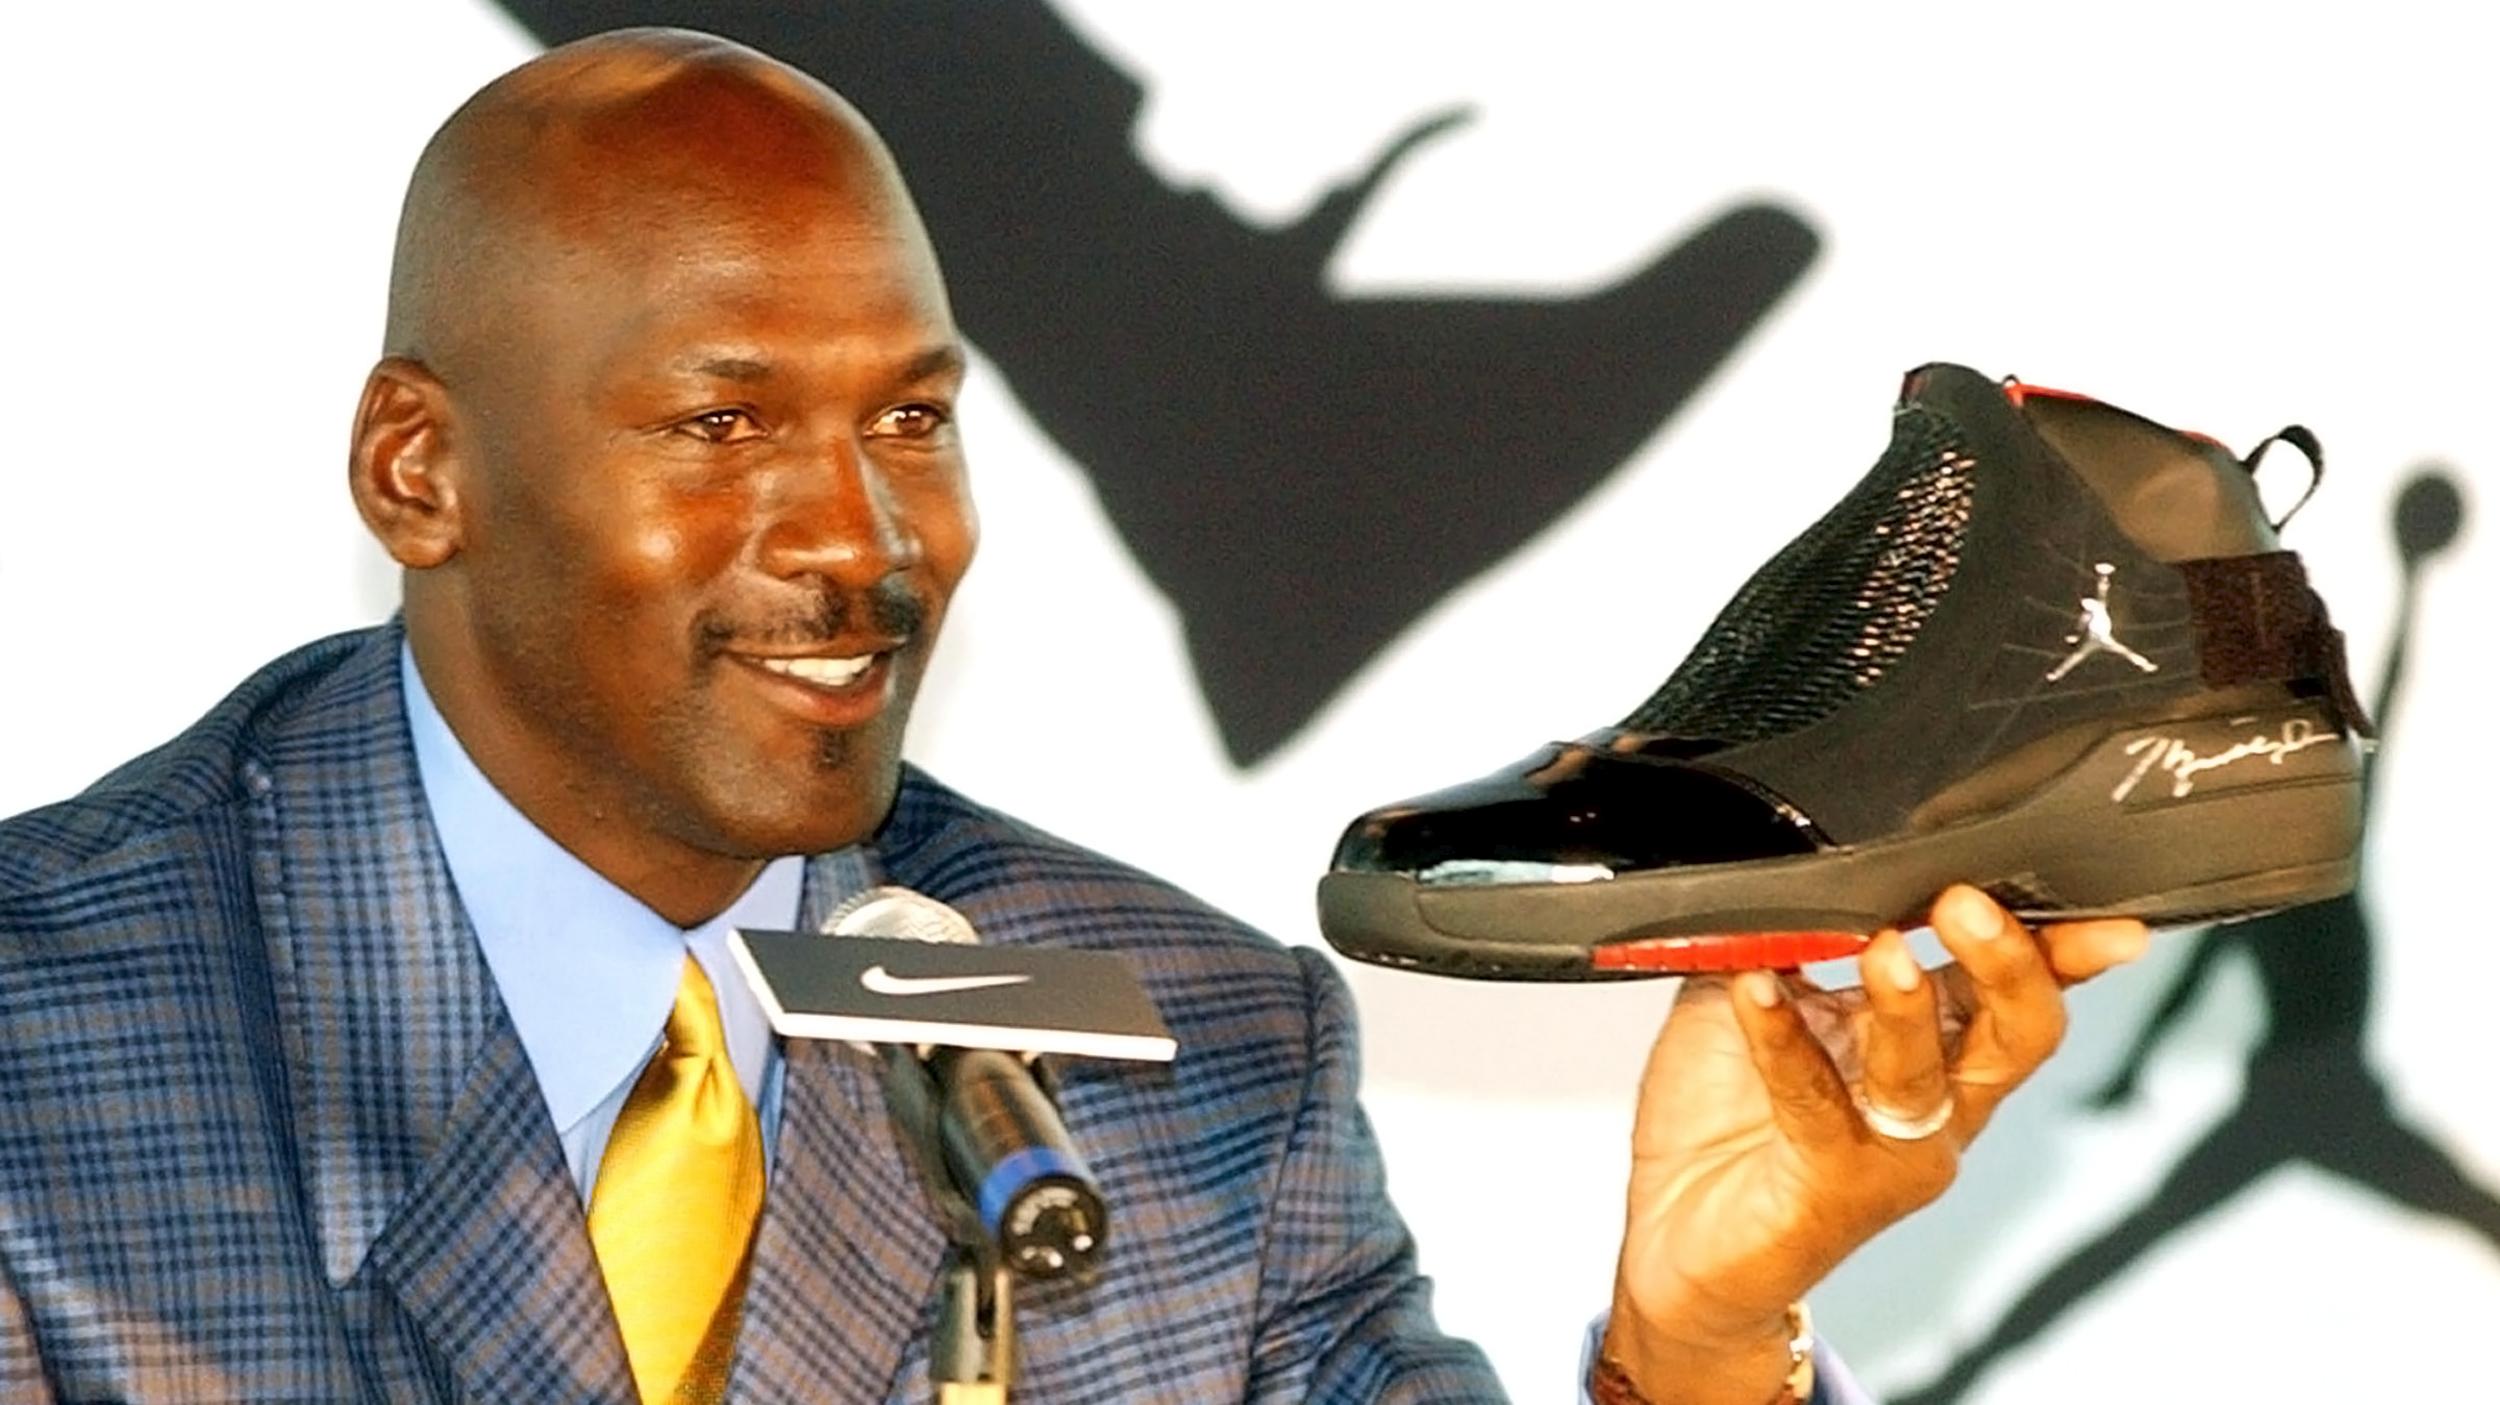 Майкл Джордан представляет новую модель кроссовок Air Jordan